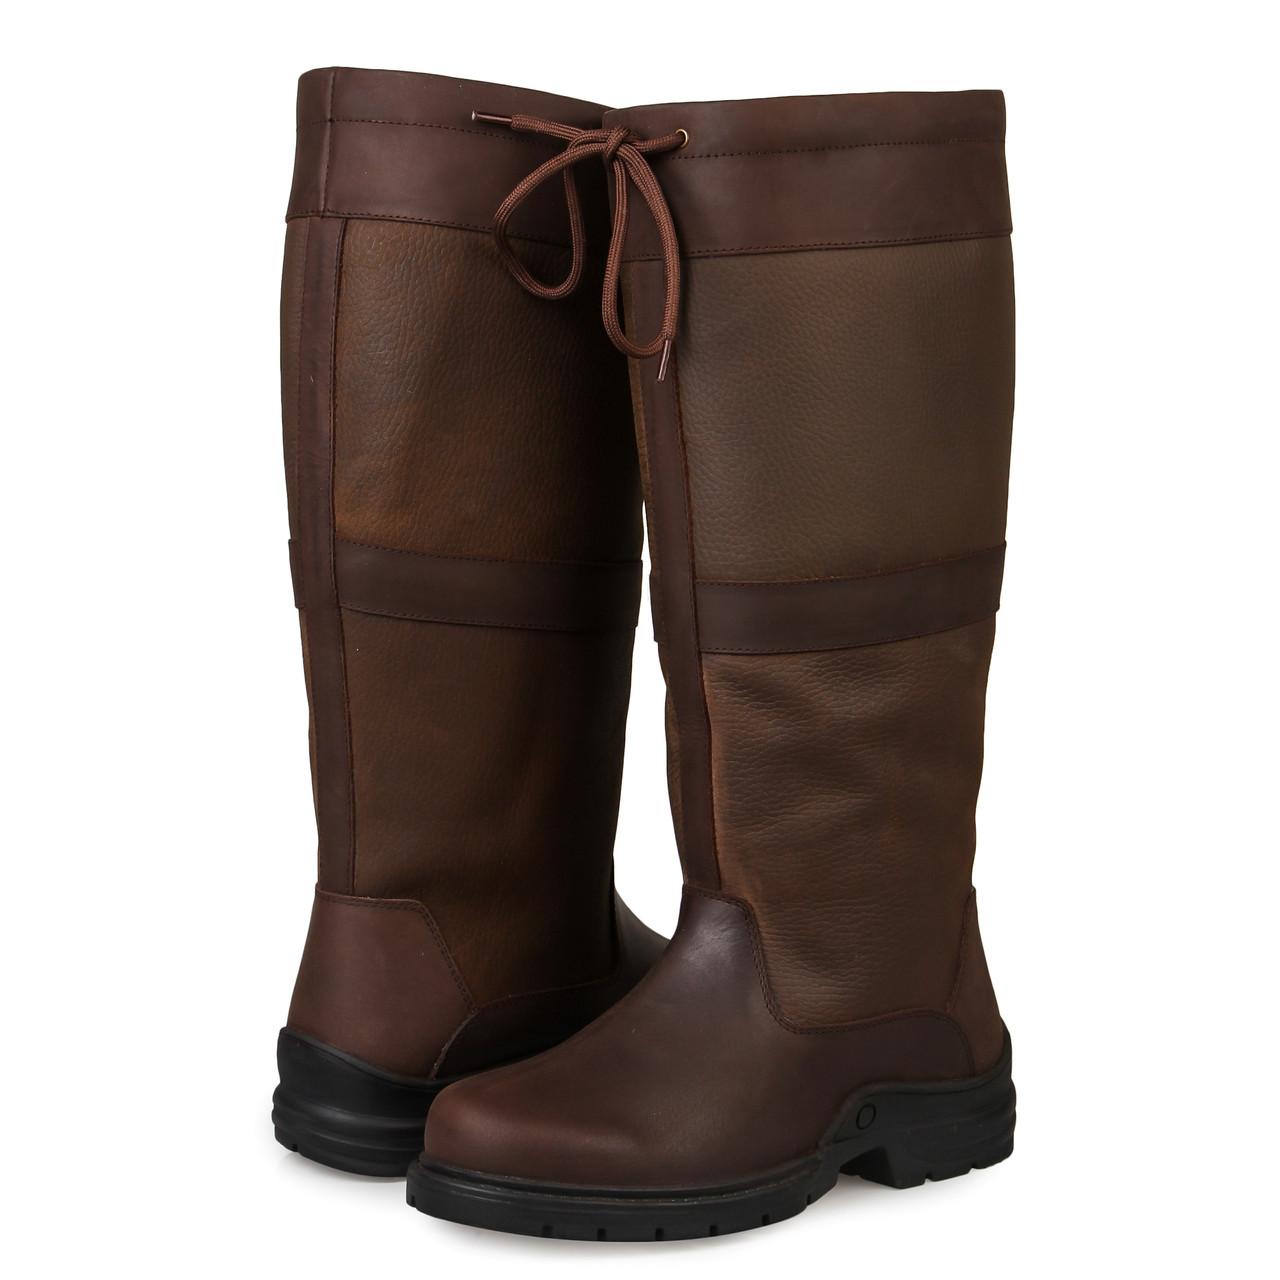 Long waterproof Boots